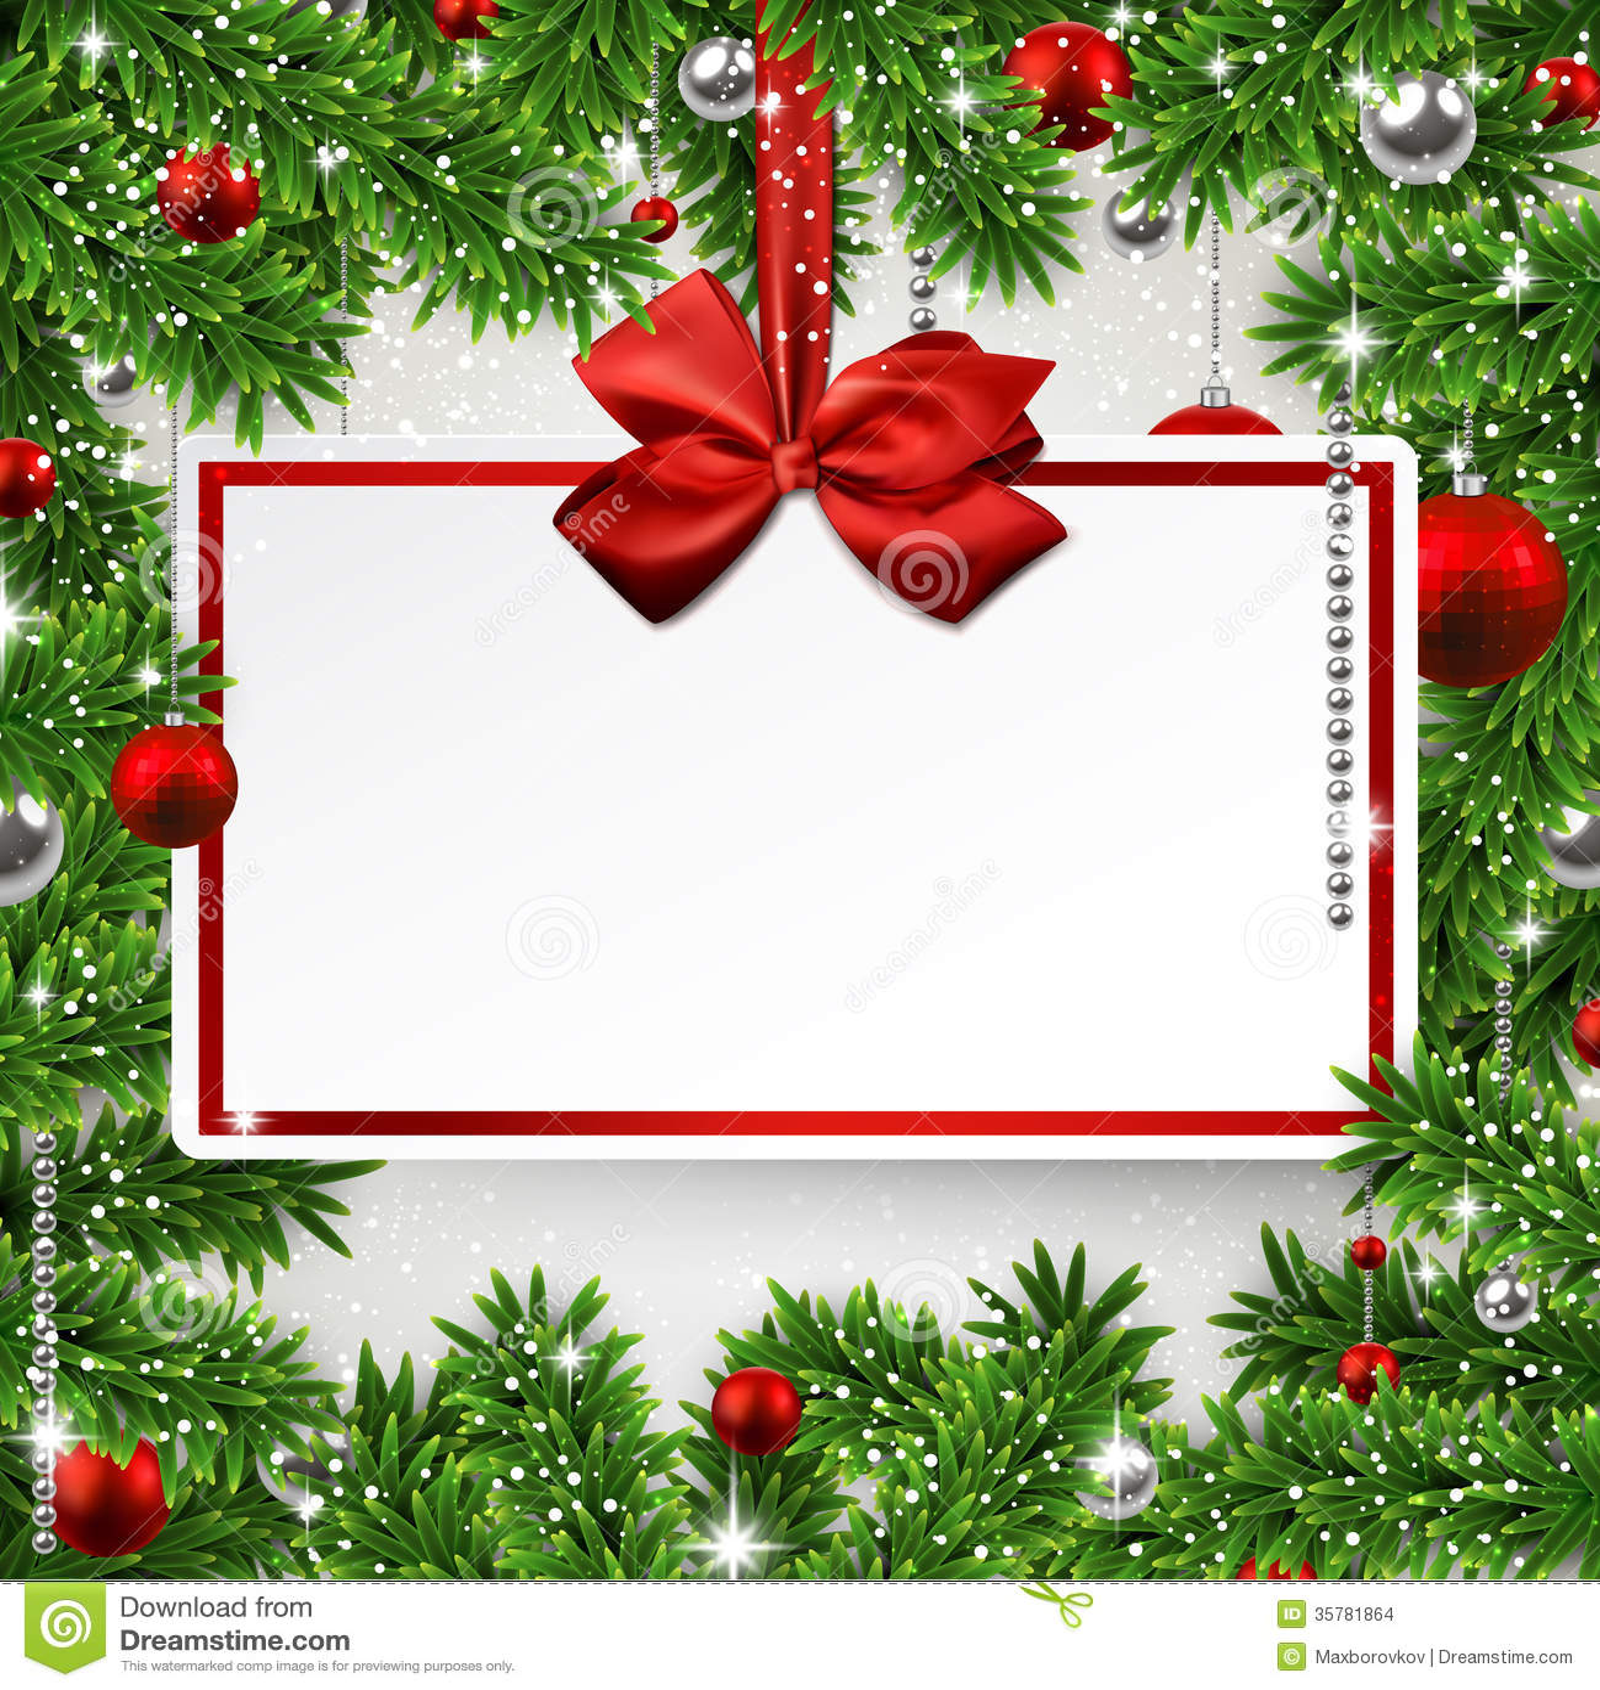 Приглашение открытка на новогодний корпоротив